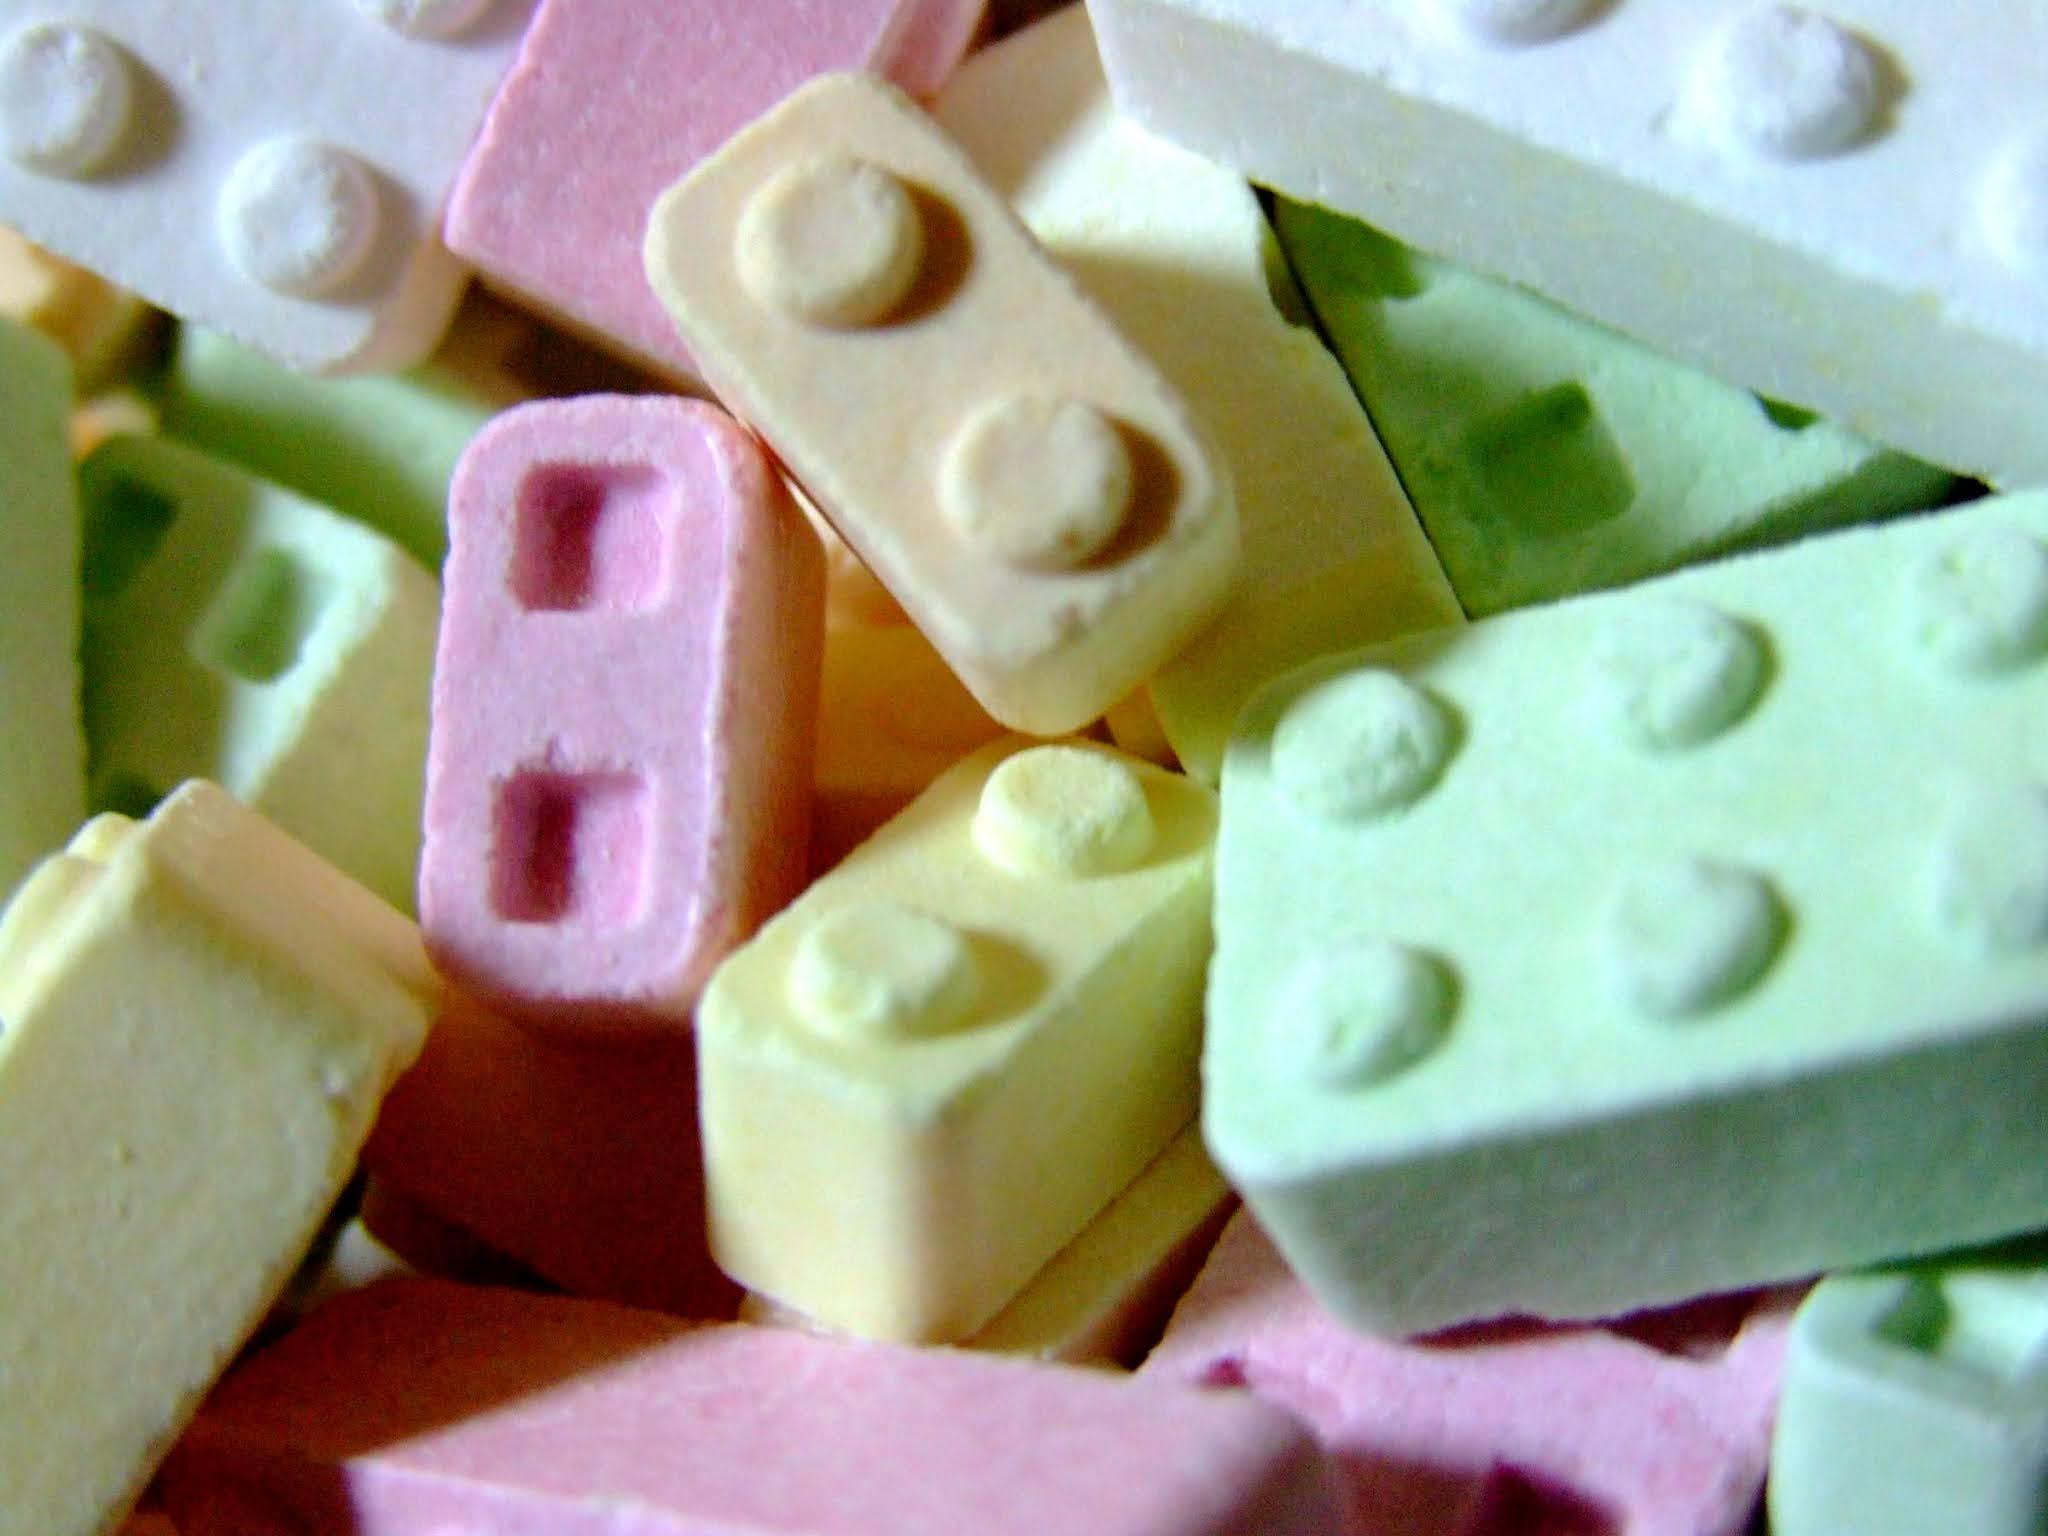 ブロックの形が楽しくてワクワクする、可愛いラムネ菓子の写真素材です。優しいパステルカラーが画面を引き立てますよ。